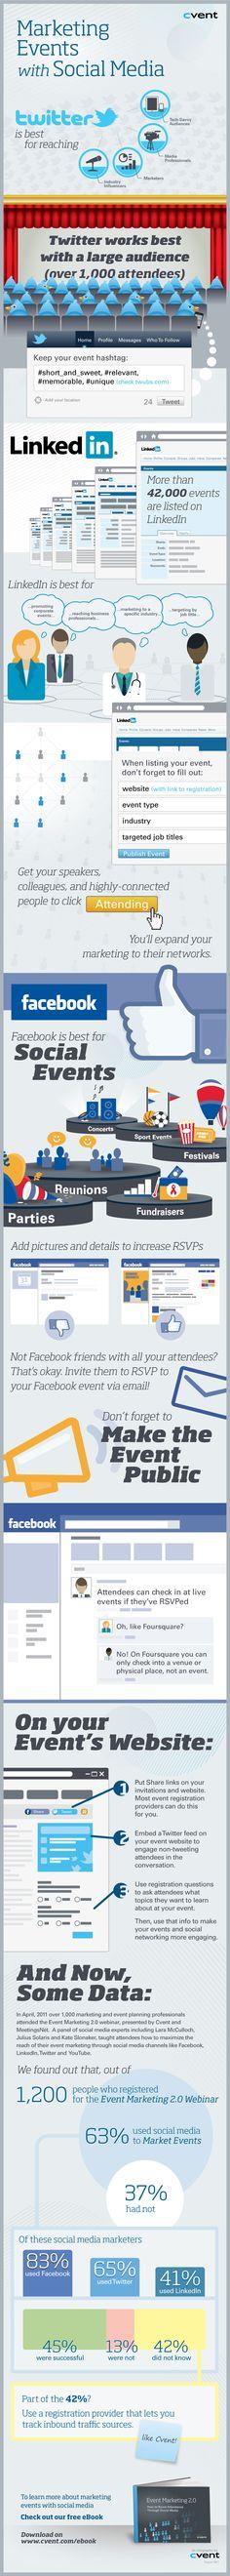 How to market your event via social media